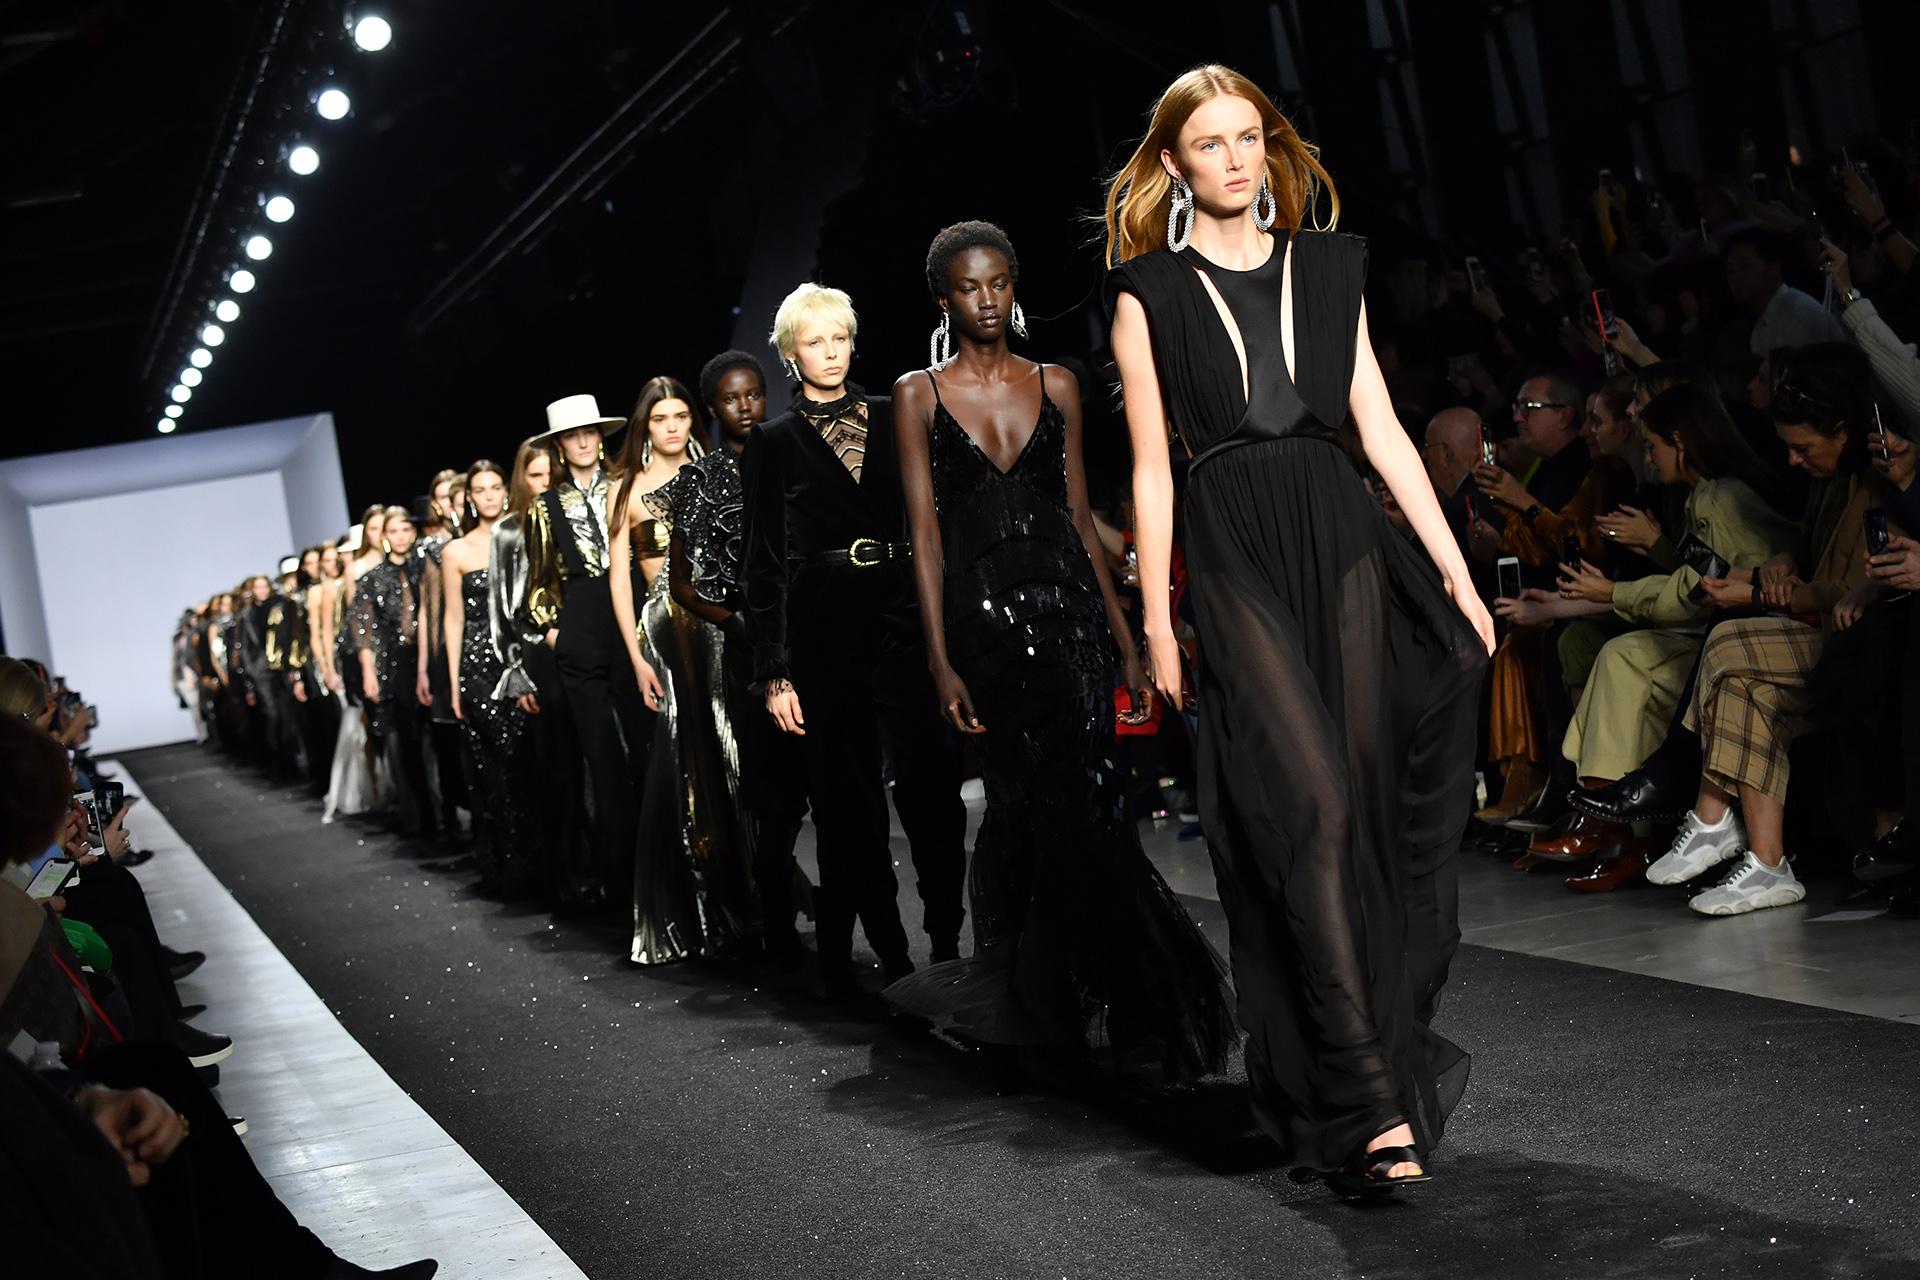 Final del fashion show. Negro, el color favorito de Alberta Ferretti, la diseñadora milanesa un ícono de moda que nunca defrauda en el fashion week